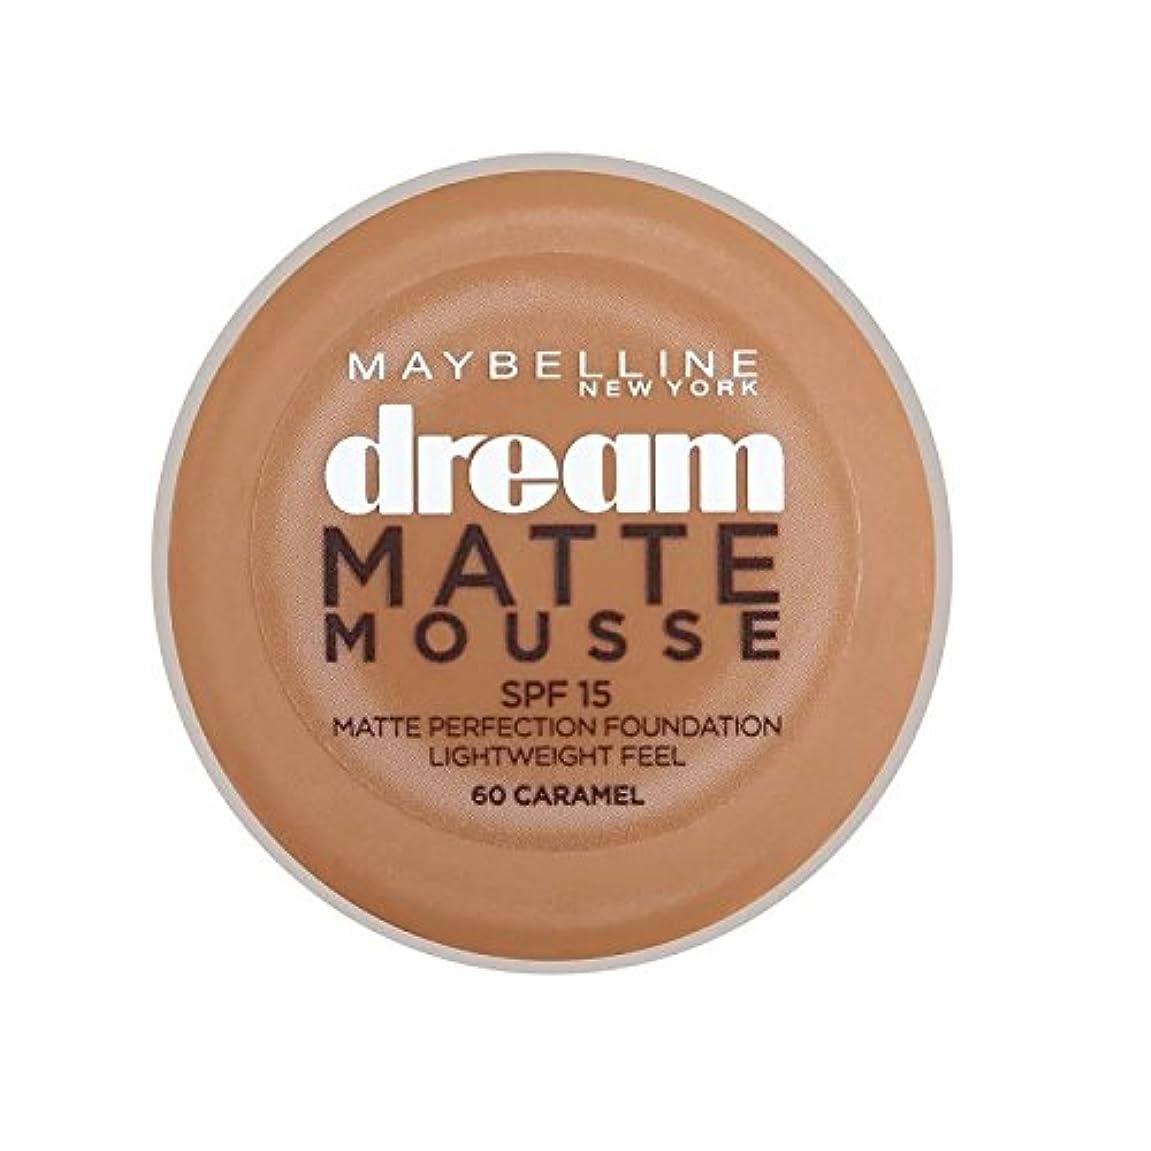 再生的授業料船Maybelline Dream Matte Mousse Foundation 60 Caramel 10ml (Pack of 6) - メイベリン夢のマットムース土台60キャラメル10ミリリットル x6 [並行輸入品]